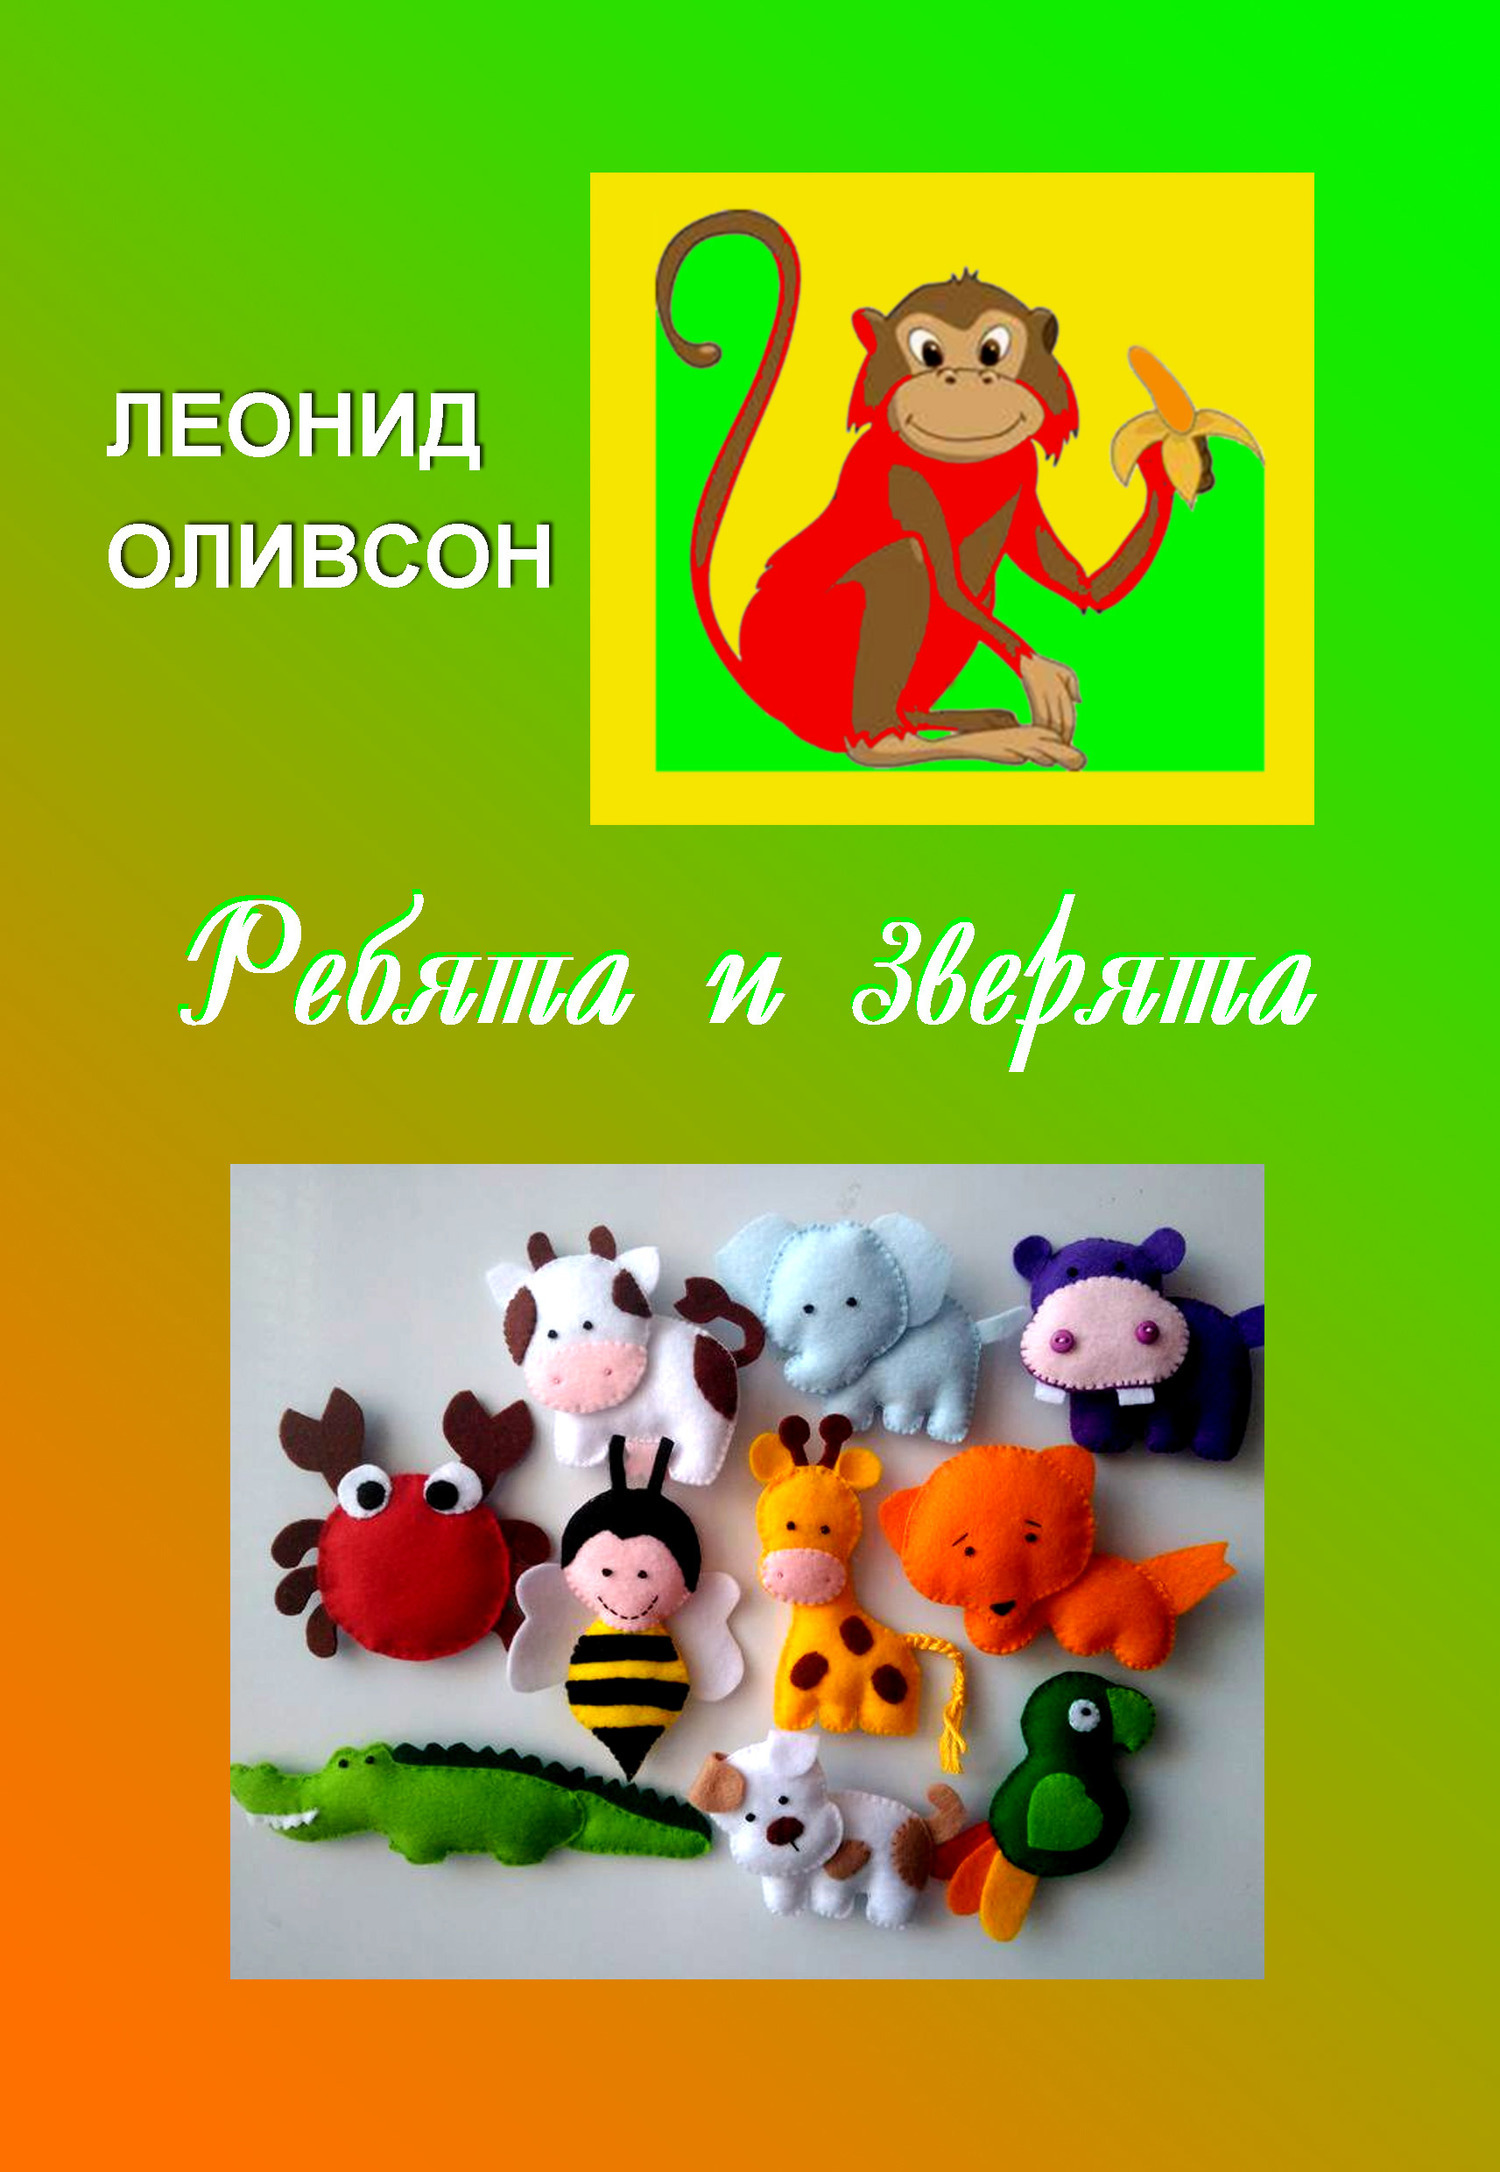 Леонид Оливсон. Ребята и зверята. Стихи для детей и о детях